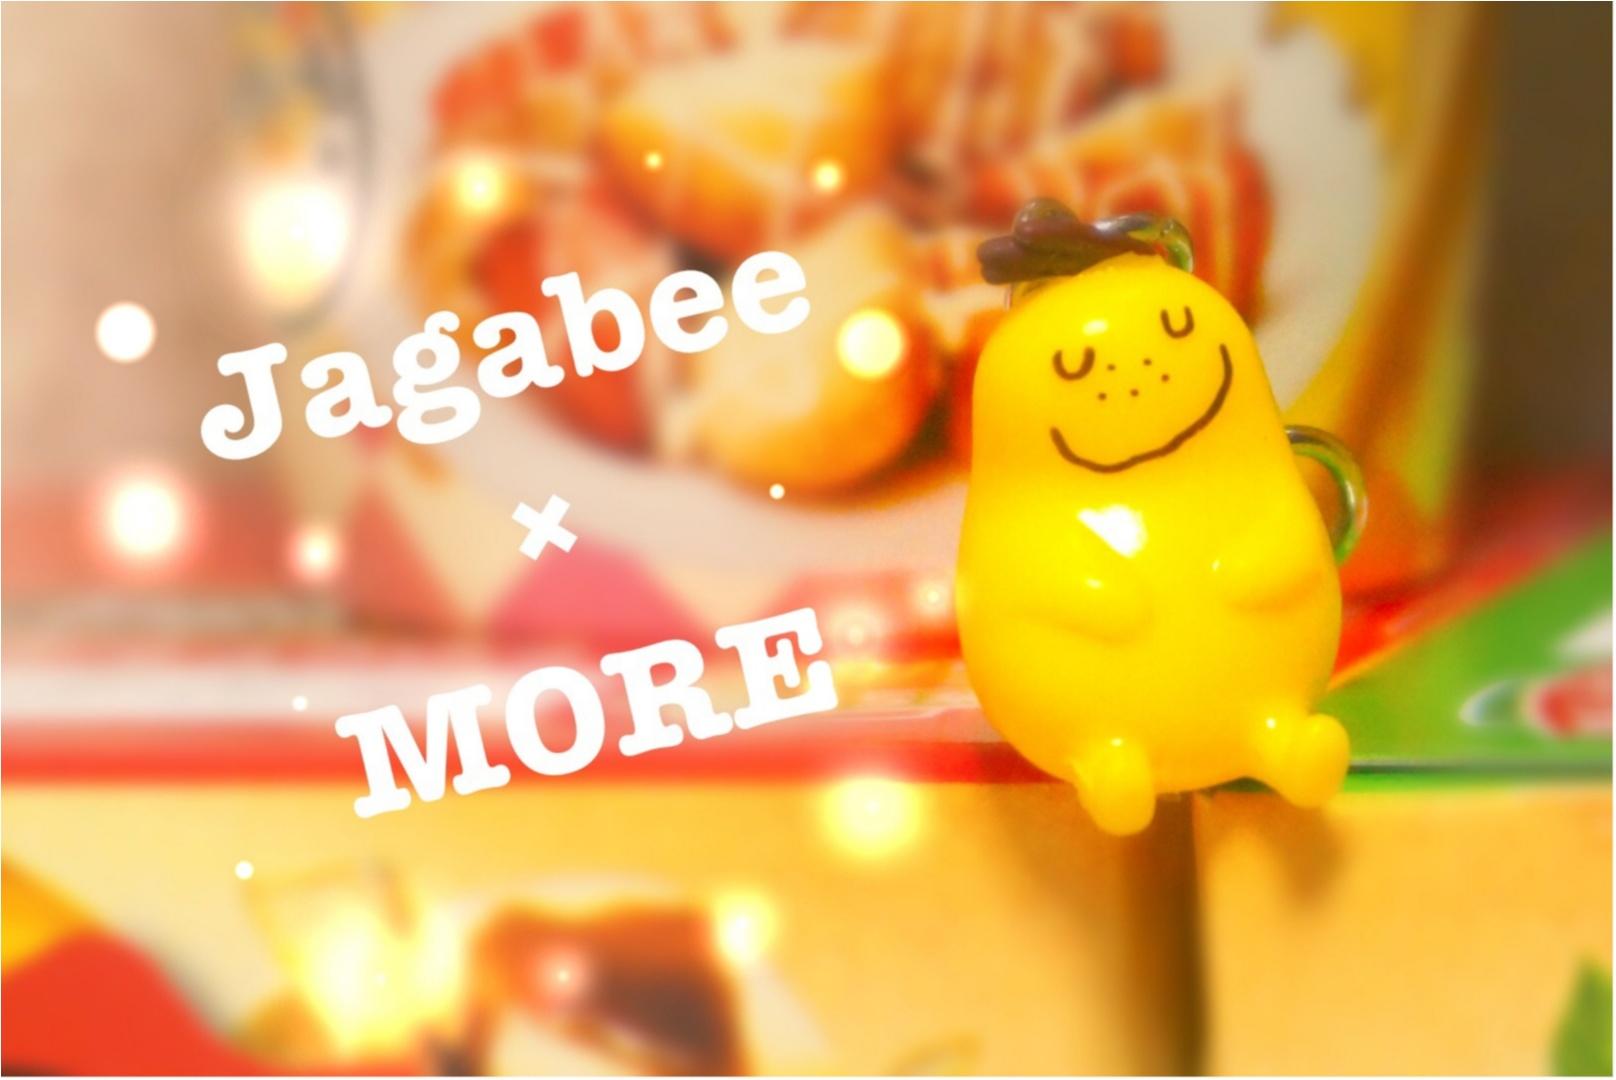 もう食べた⁉︎【Jagabee×MORE】私達が作ったコラボ商品『バターシナモン』が大好評発売中‼︎新商品が出来上がるまでの秘密も教えちゃう♡_4